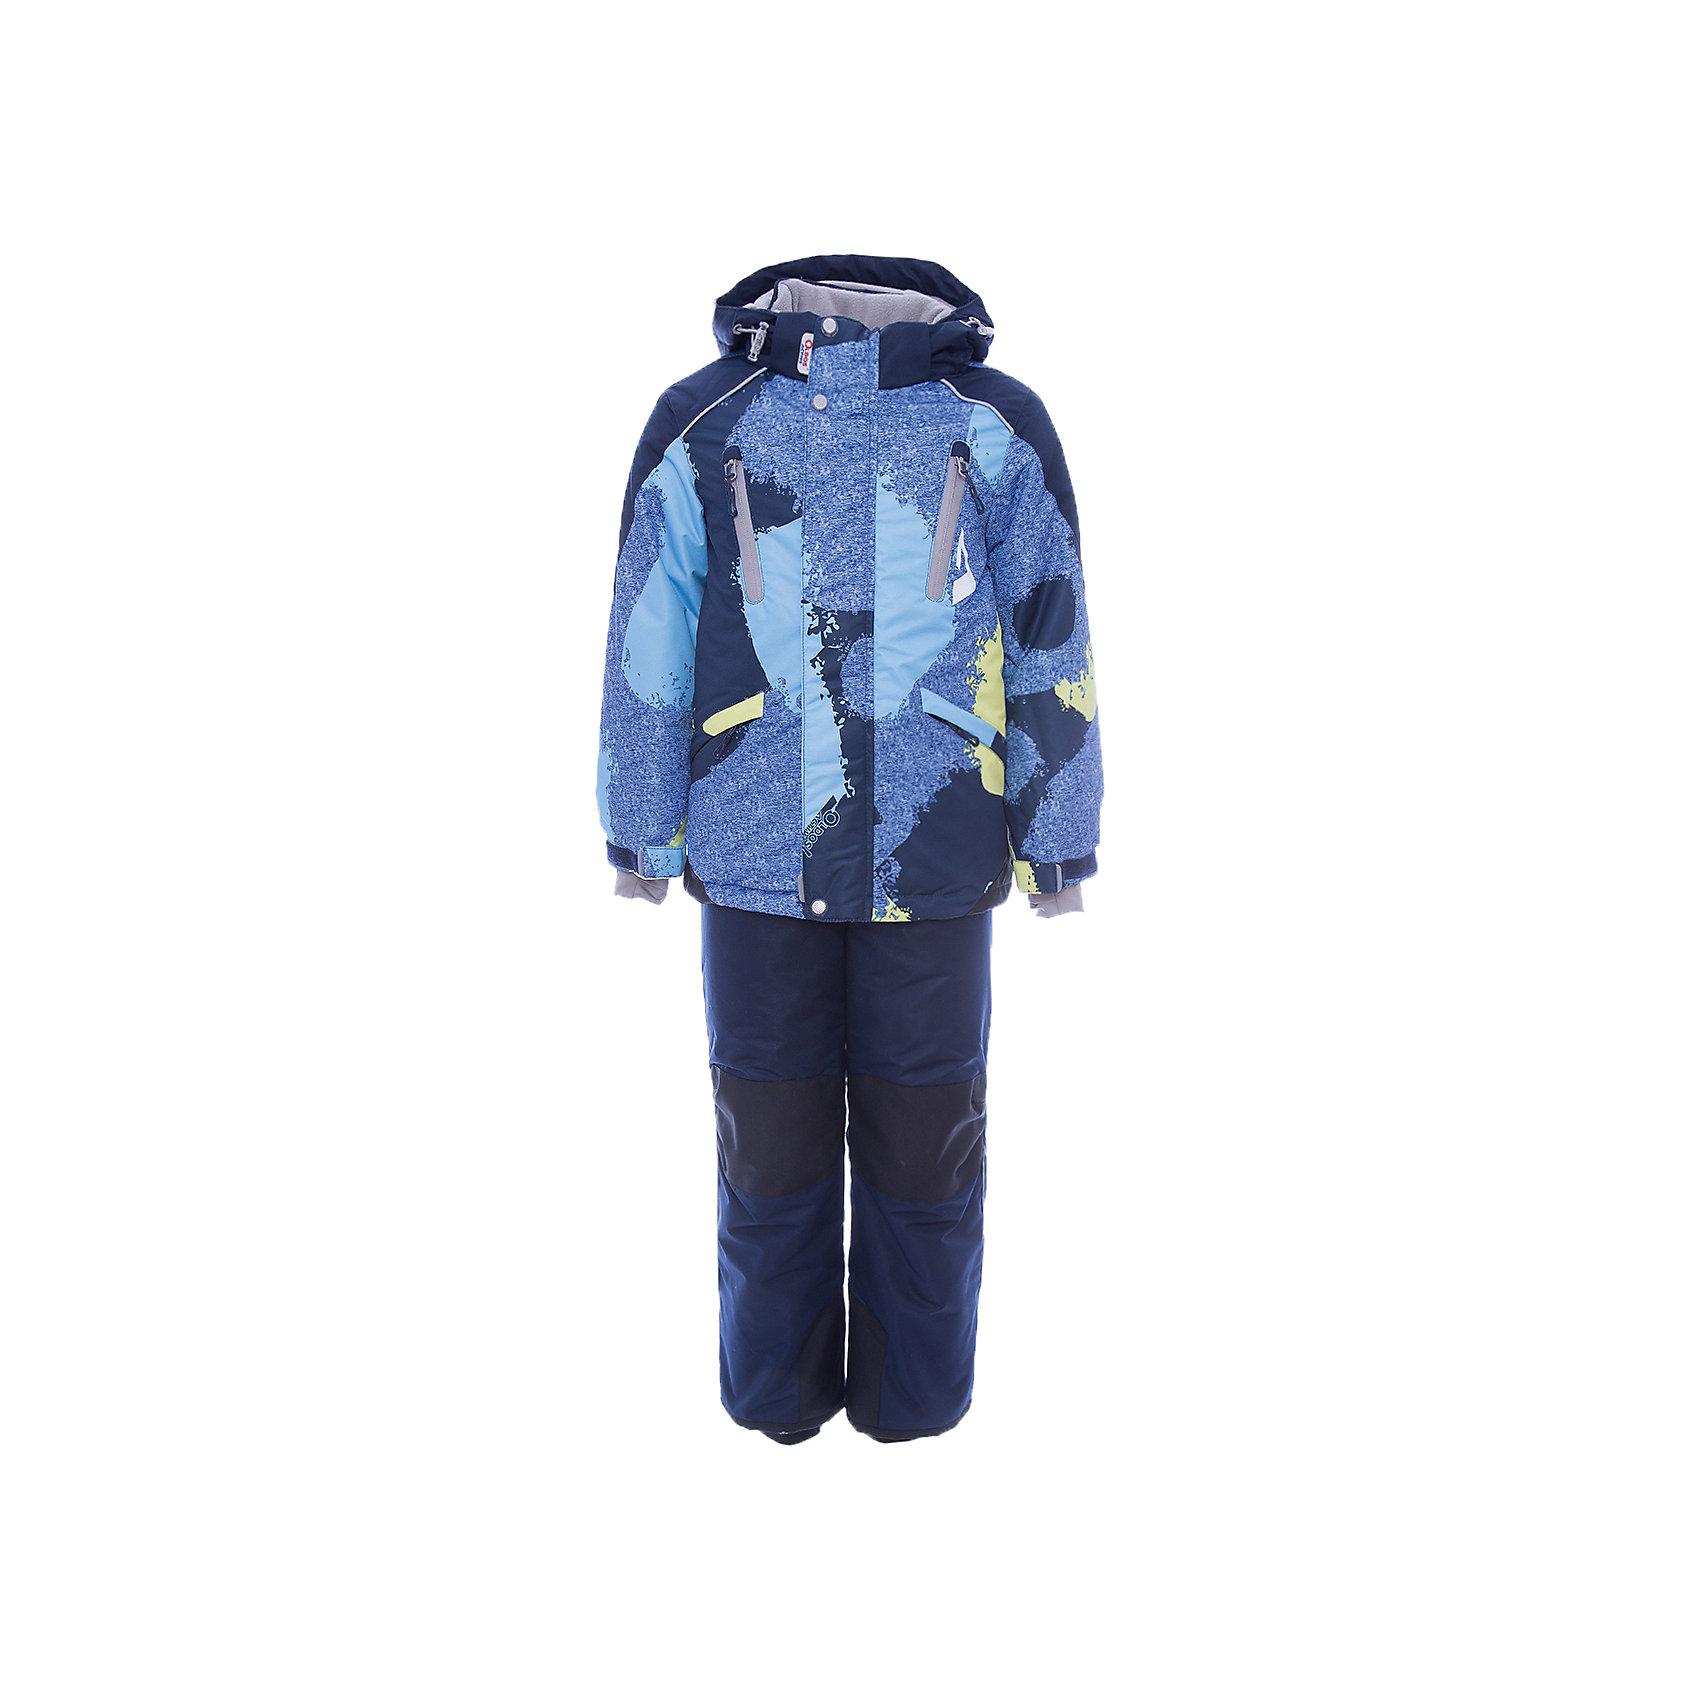 Комплект: куртка и полукомбинезон Вилсон OLDOS для мальчикаВерхняя одежда<br>Характеристики товара:<br><br>• цвет: голубой<br>• комплектация: куртка и полукомбинезон<br>• состав ткани: полиэстер, Teflon<br>• подкладка: флис<br>• утеплитель: Hollofan pro<br>• сезон: зима<br>• мембранное покрытие<br>• температурный режим: от -30 до +5<br>• водонепроницаемость: 5000 мм <br>• паропроницаемость: 5000 г/м2<br>• плотность утеплителя: куртка - 200 г/м2, полукомбинезон - 150 г/м2<br>• застежка: молния<br>• капюшон: без меха, съемный<br>• полукомбинезон усилен износостойкими вставками<br>• страна бренда: Россия<br>• страна изготовитель: Россия<br><br>Теплый комплект для ребенка имеет регулируемые детали для удобства ребенка. Зимний детский комплект состоит из теплой куртки и удобного полукомбинезона. Мембранный верх комплекта для девочки создает комфортный для ребенка микроклимат - обеспечивает детскому комплекту водонепроницаемость, при этом одежда дышит. <br><br>Комплект: куртка и полукомбинезон Вилсон Oldos (Олдос) для мальчика можно купить в нашем интернет-магазине.<br><br>Ширина мм: 356<br>Глубина мм: 10<br>Высота мм: 245<br>Вес г: 519<br>Цвет: голубой<br>Возраст от месяцев: 132<br>Возраст до месяцев: 144<br>Пол: Мужской<br>Возраст: Детский<br>Размер: 152,98,104,110,116,122,128,134,140,146<br>SKU: 7016275